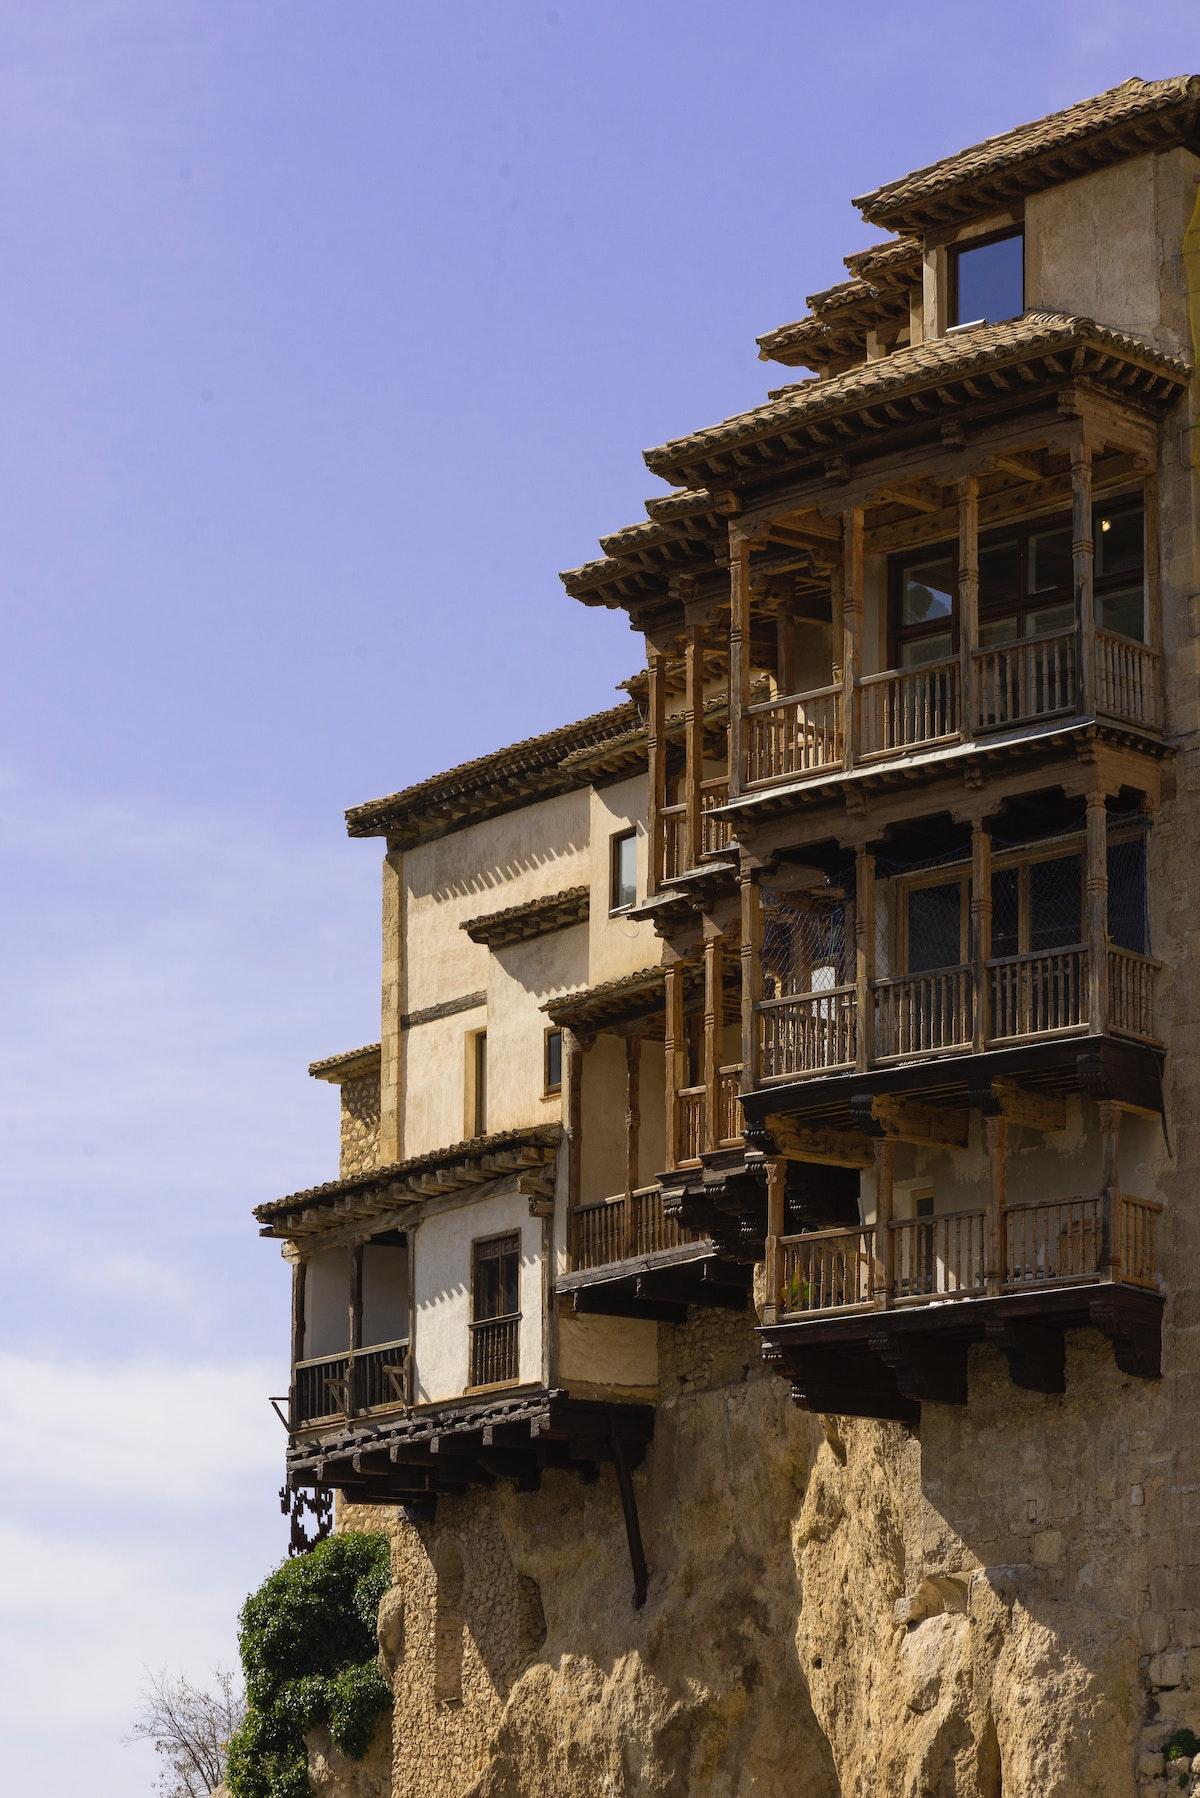 Casas construidas al borde de un acantilado.